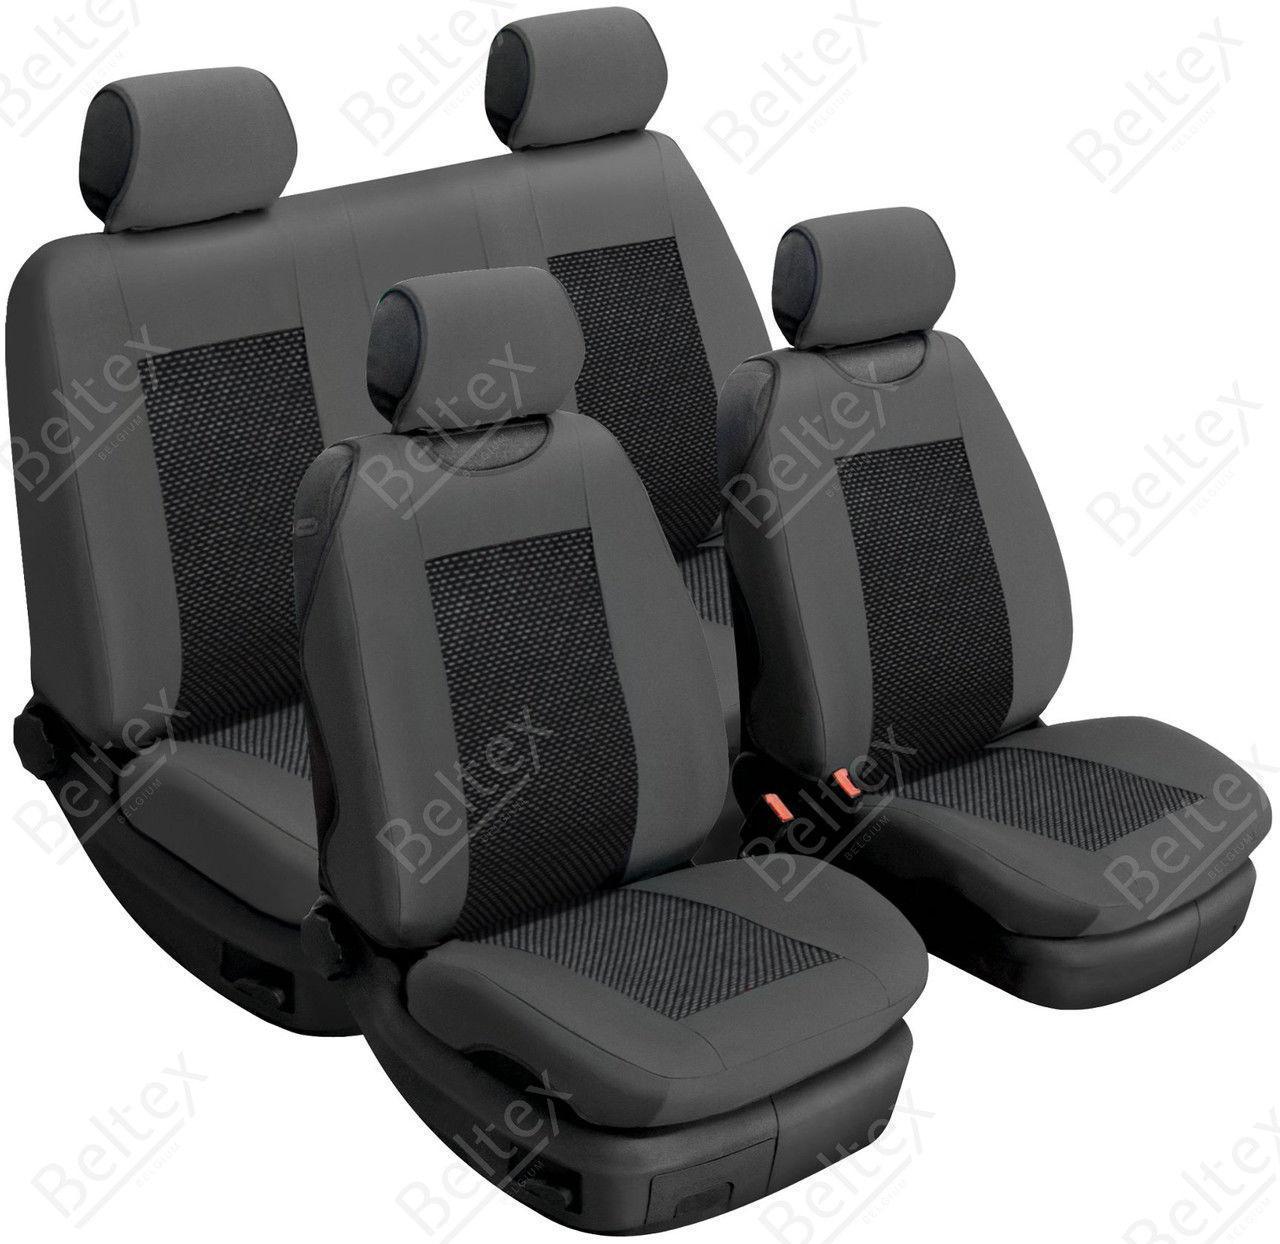 Майки/чехлы на сиденья Фольксваген Т5 (Volkswagen T5)